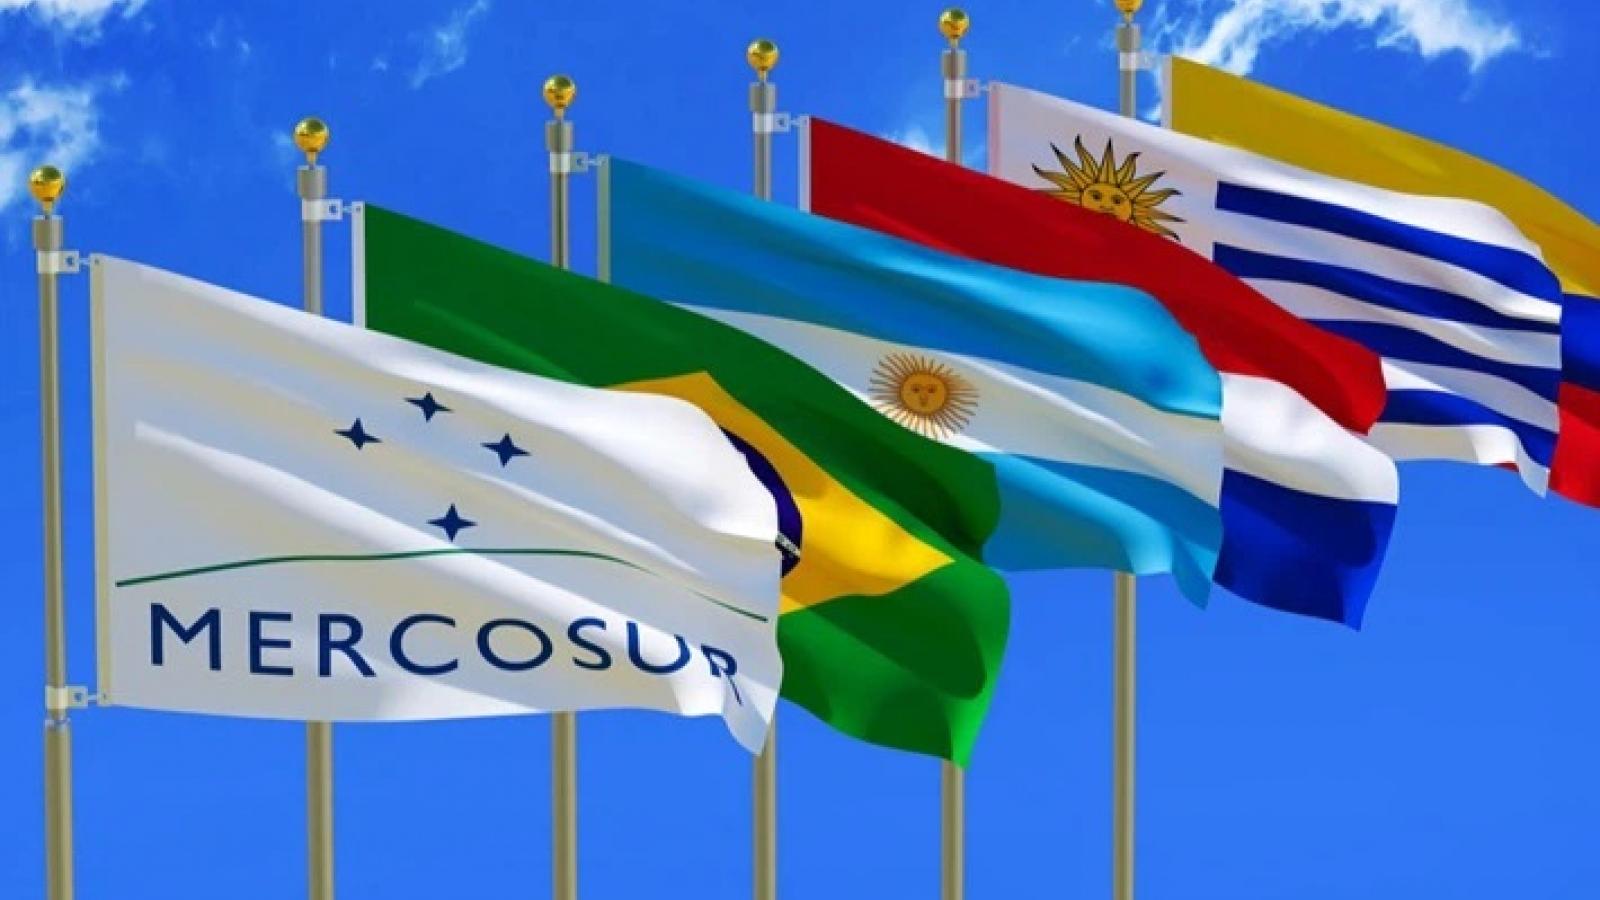 Nhìn lại 30 năm Khối Thị trường chung Nam Mỹ (MERCOSUR)